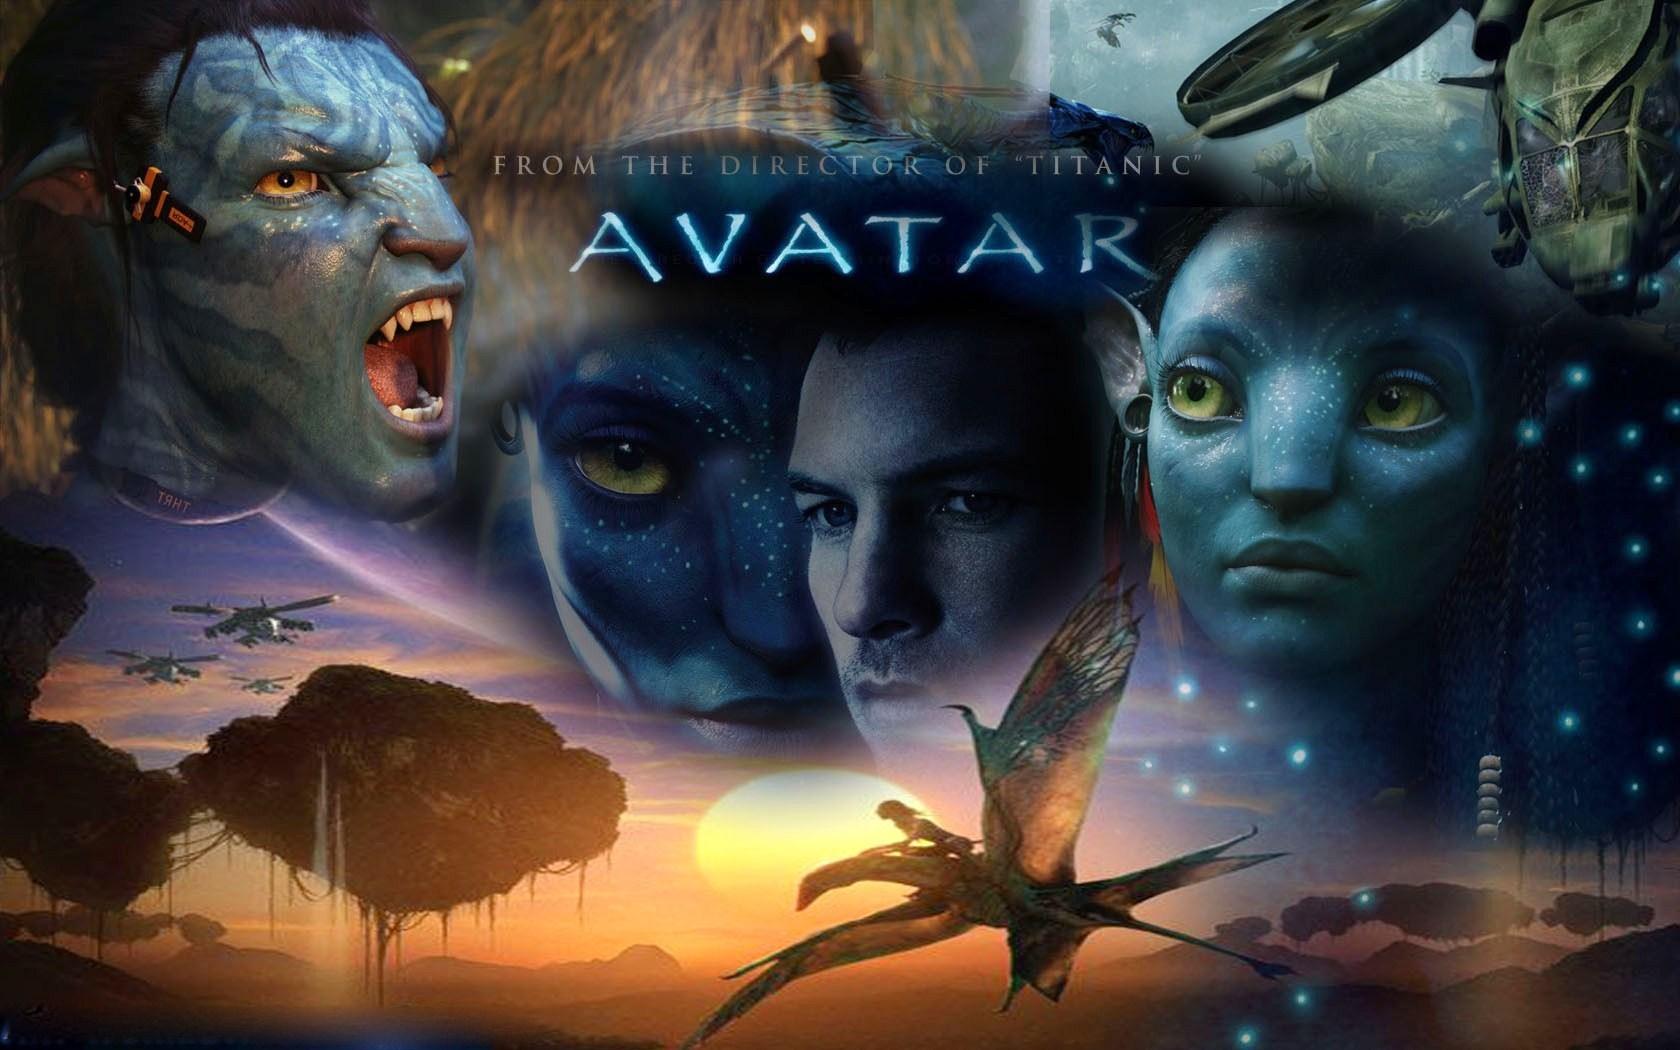 Постер из фильма аватар Обои  № 3272011 загрузить